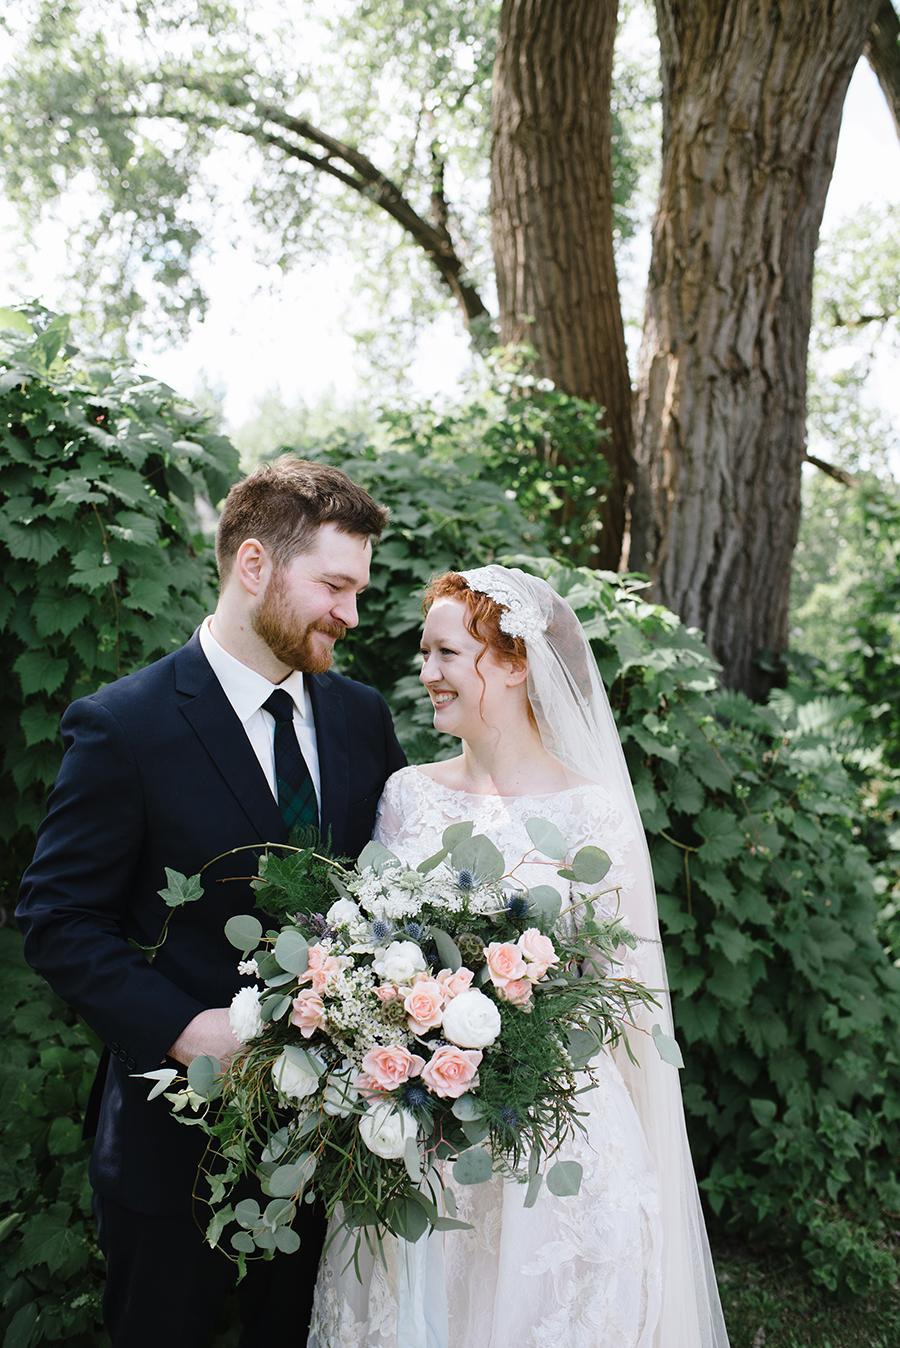 Sarah + Jordan | Theodore Wirth Park Chalet | Photos by Lydia Jane (www,lydiajane.com)